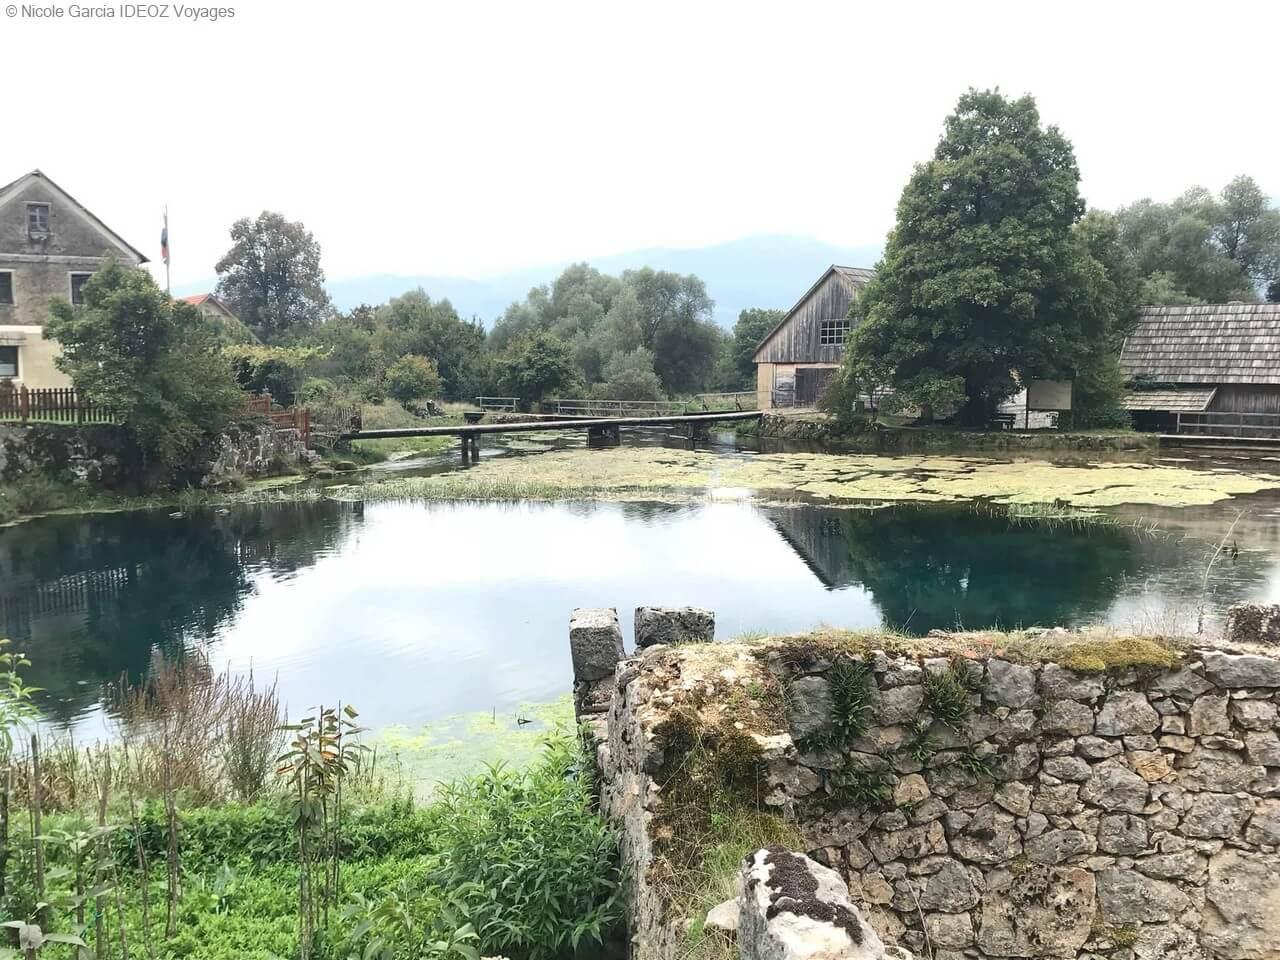 Que voir près du parc de Plitvice? Visites et excursions recommandées 5